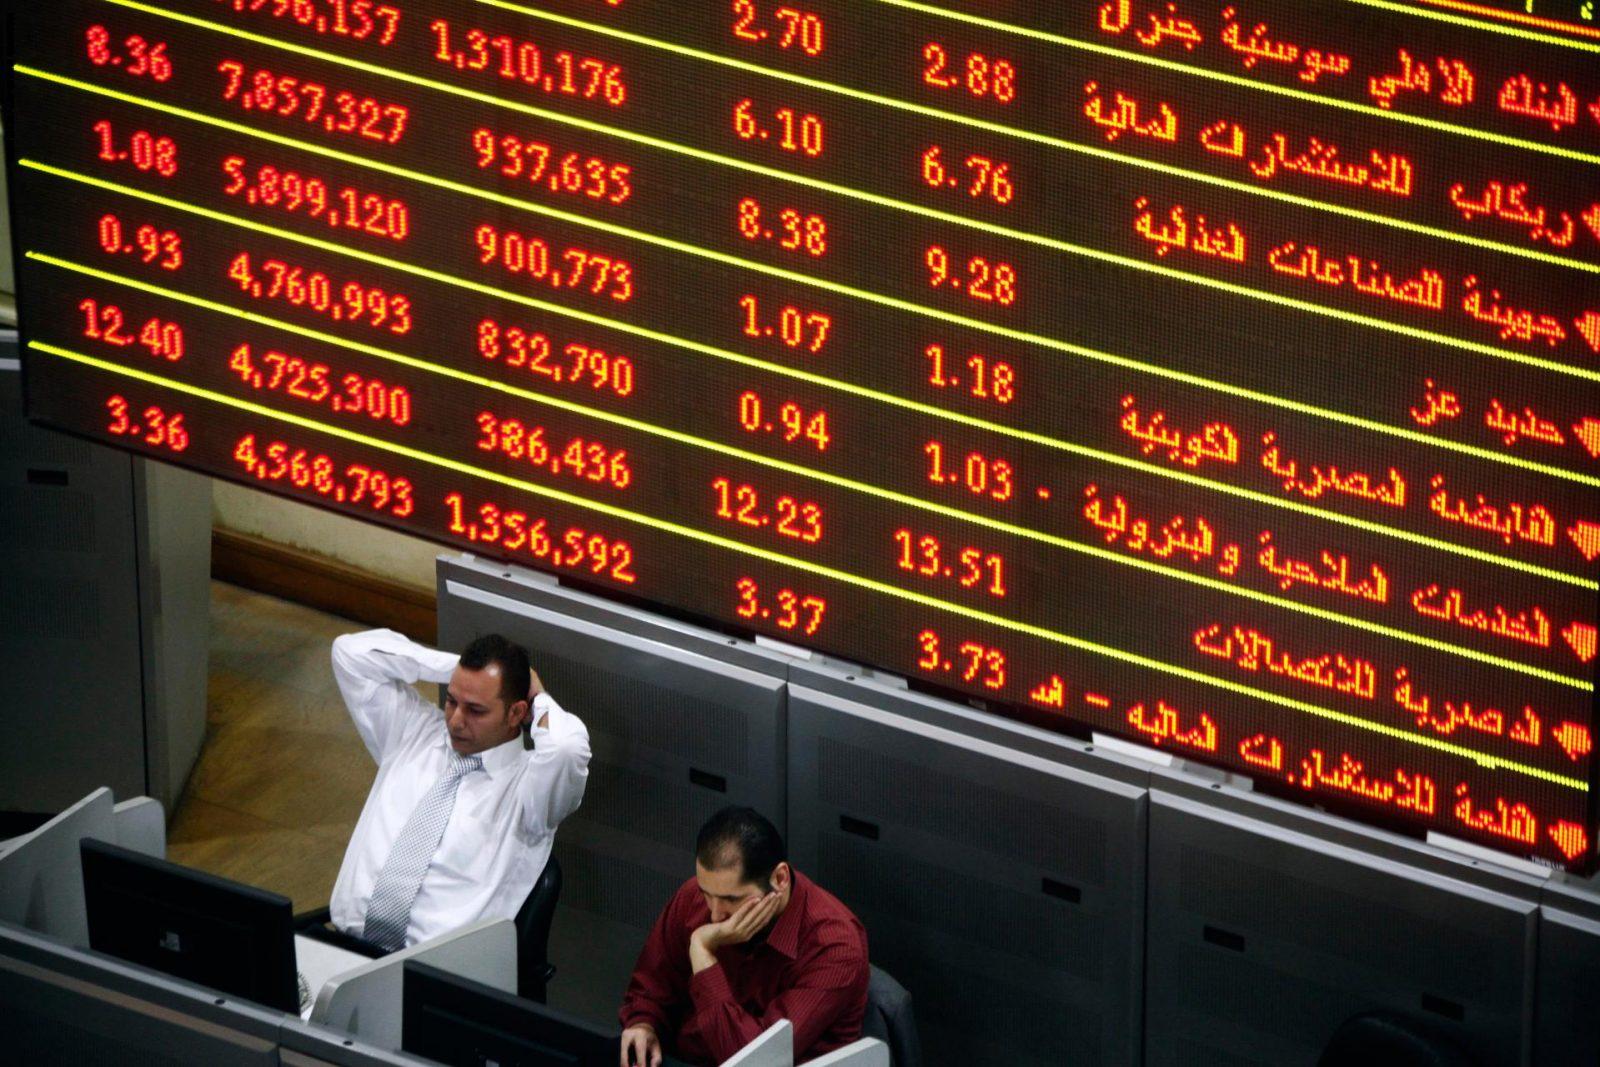 تباين مؤشرات البورصة في التعاملات الصباحية لجلسة الإثنين - جريدة المال